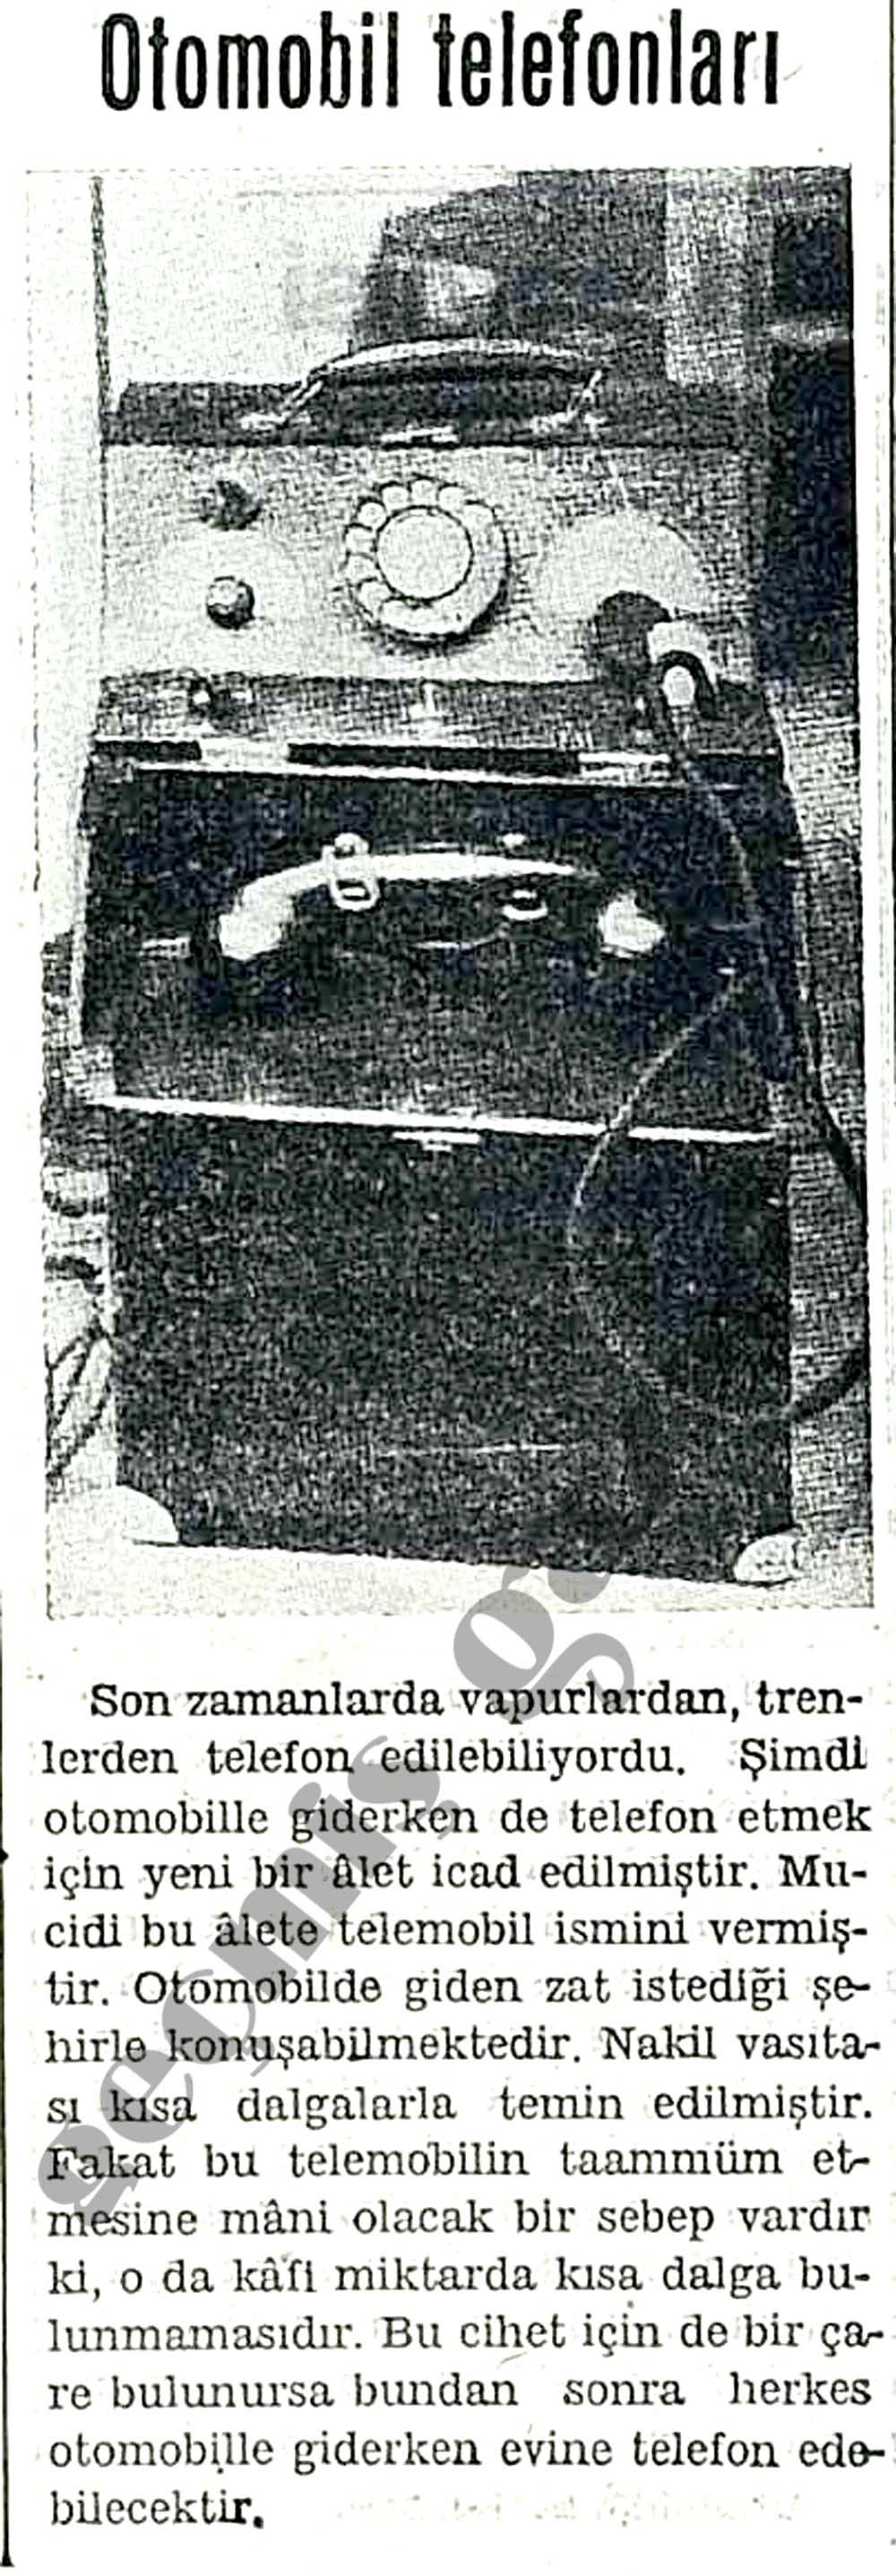 Otomobil telefonları